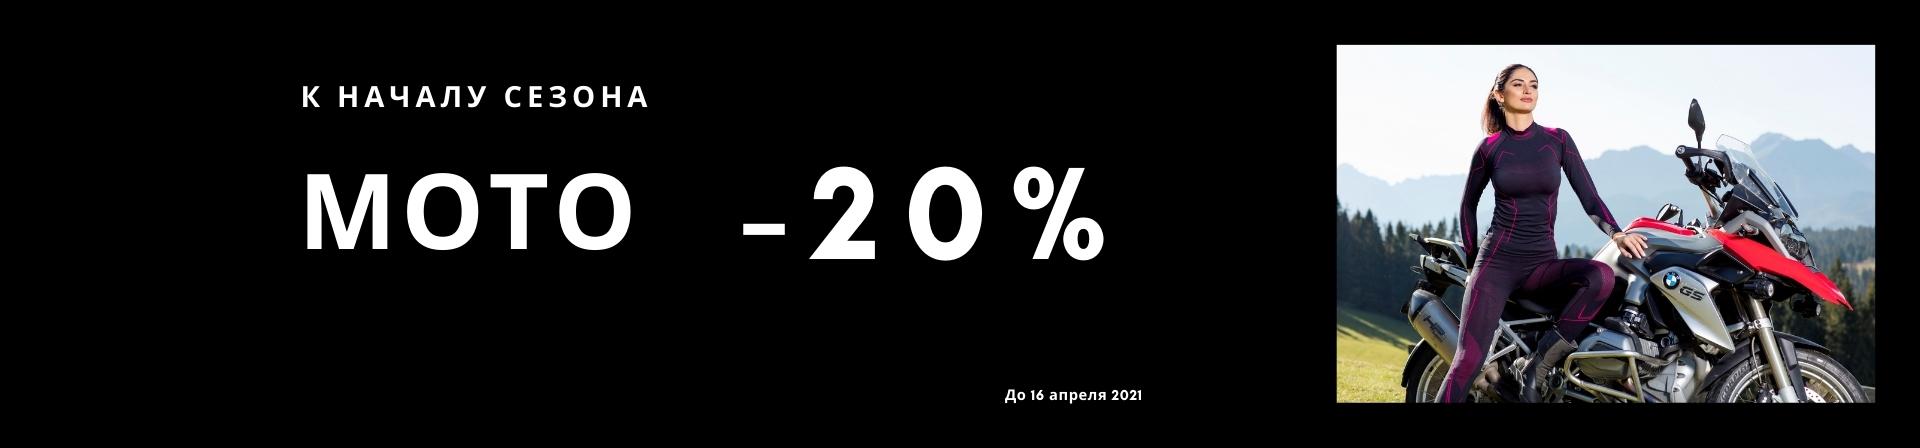 Акция недели: скидка на мото 20% до 16 апреля 2021!